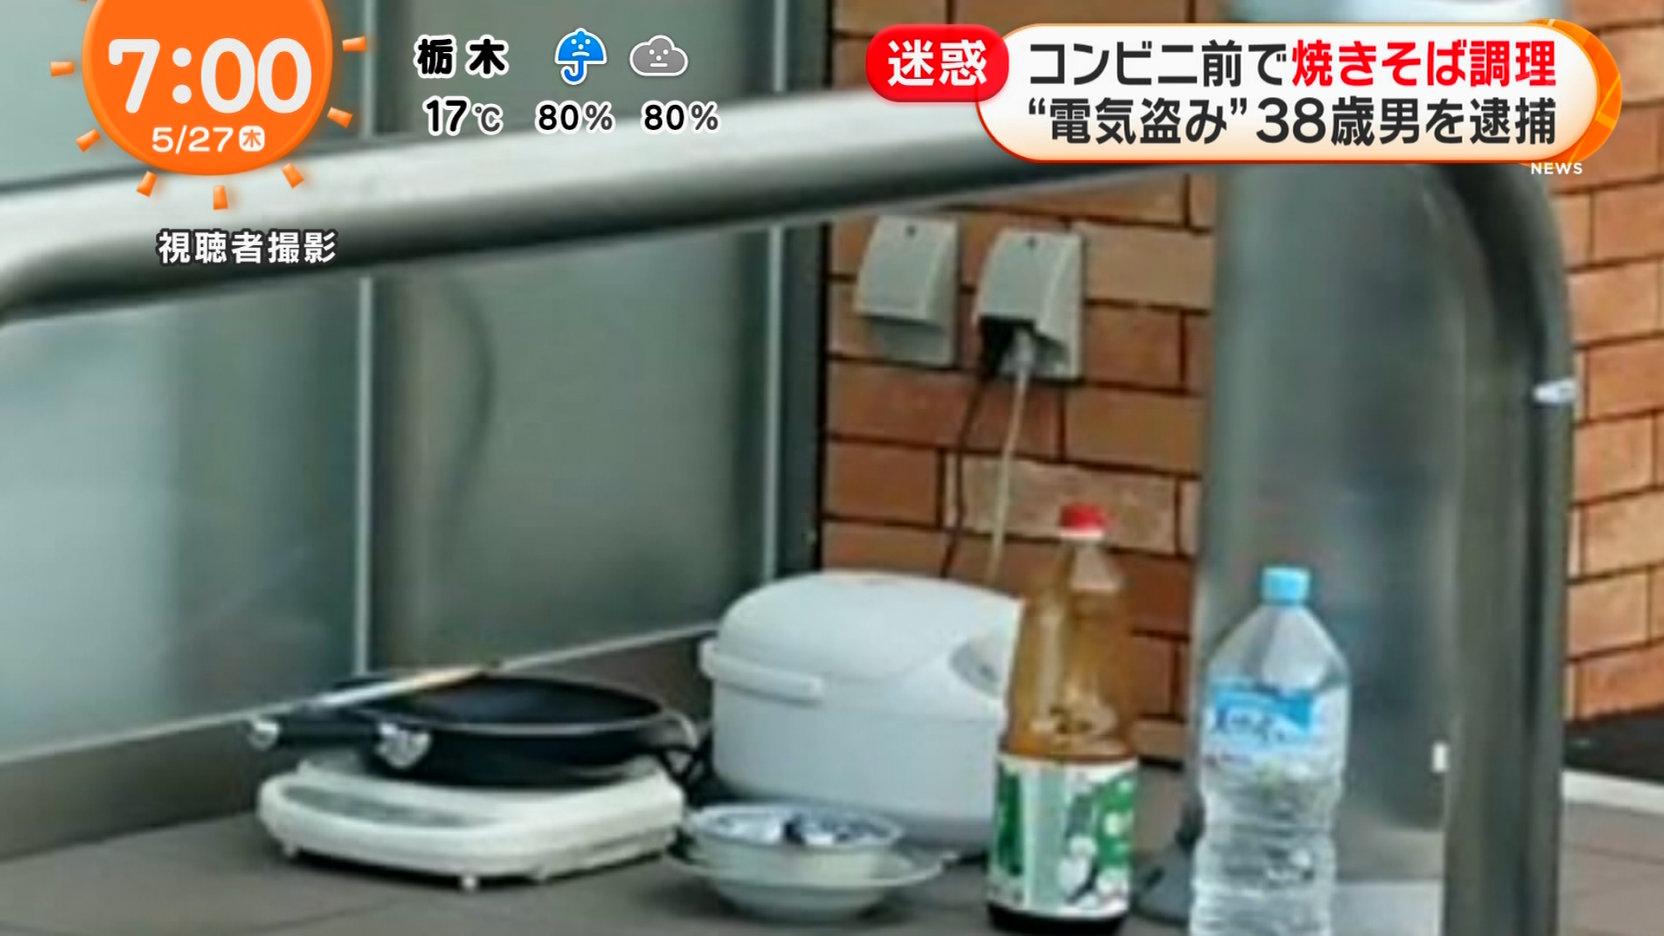 コンビニ電源で調理、米炊き焼きそば作る 窃盗容疑で38歳逮捕 - 野良猫岡山のネットニュース